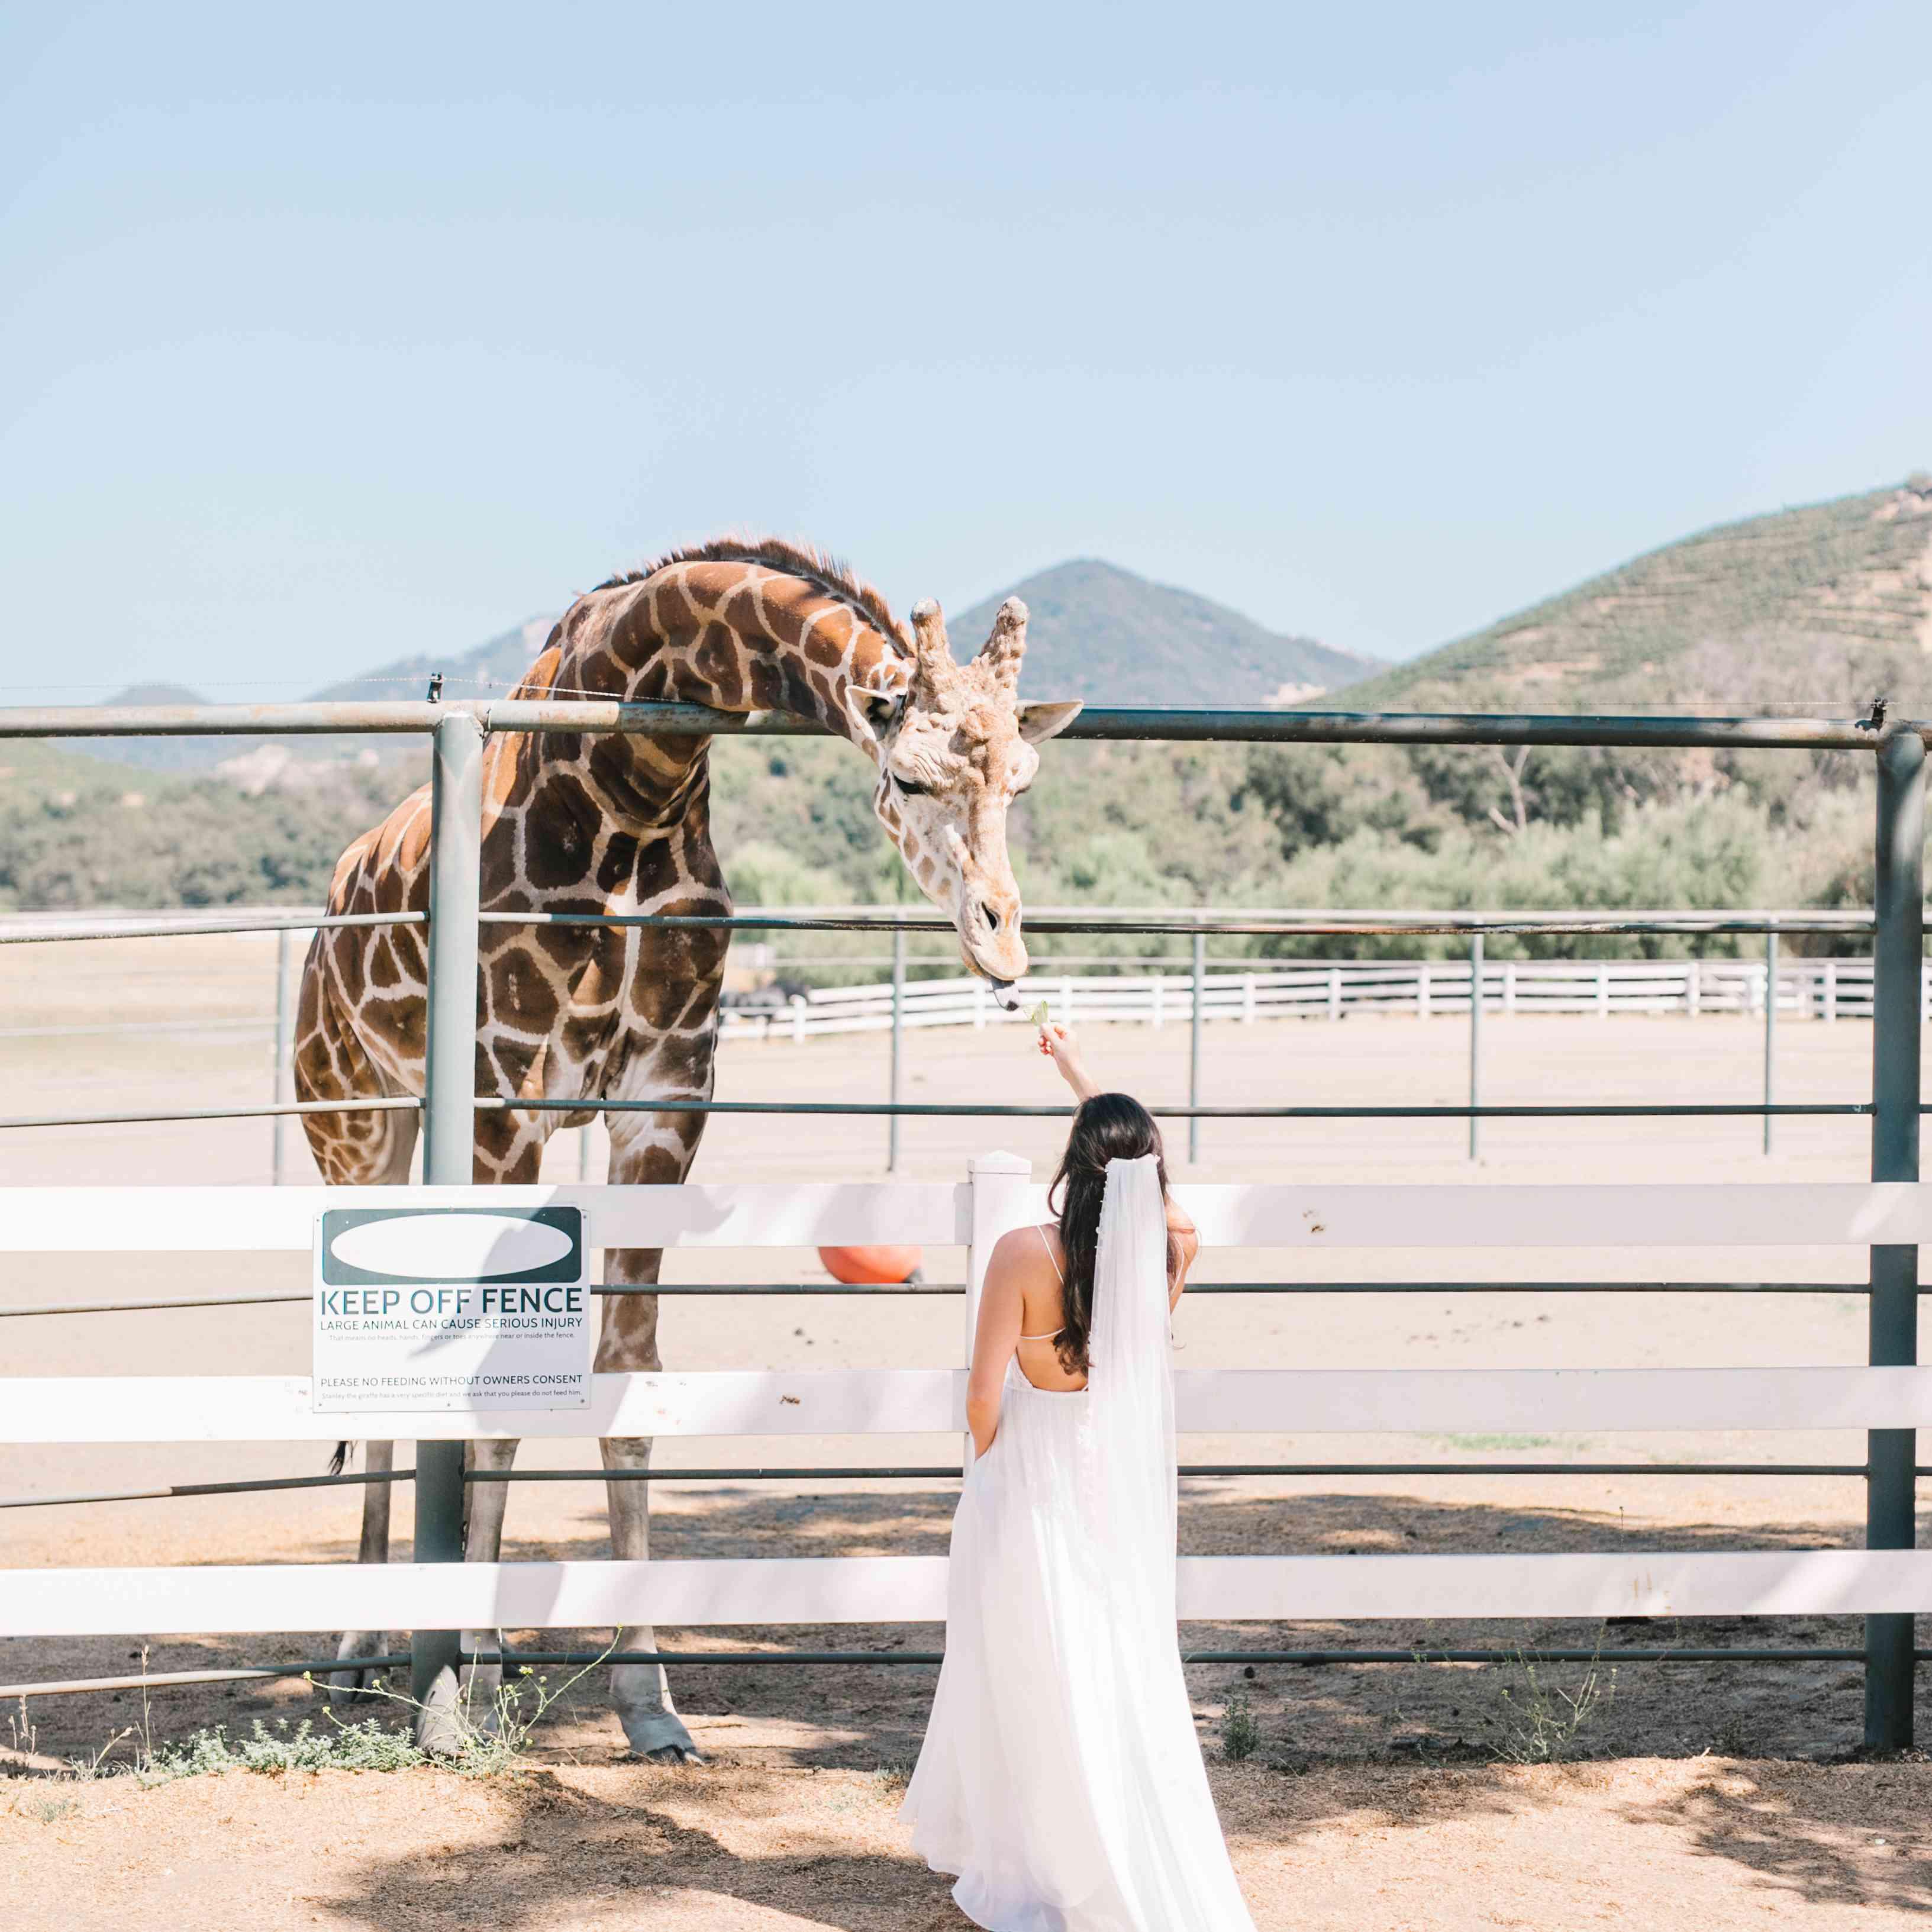 bride feeding giraffe in wedding dress